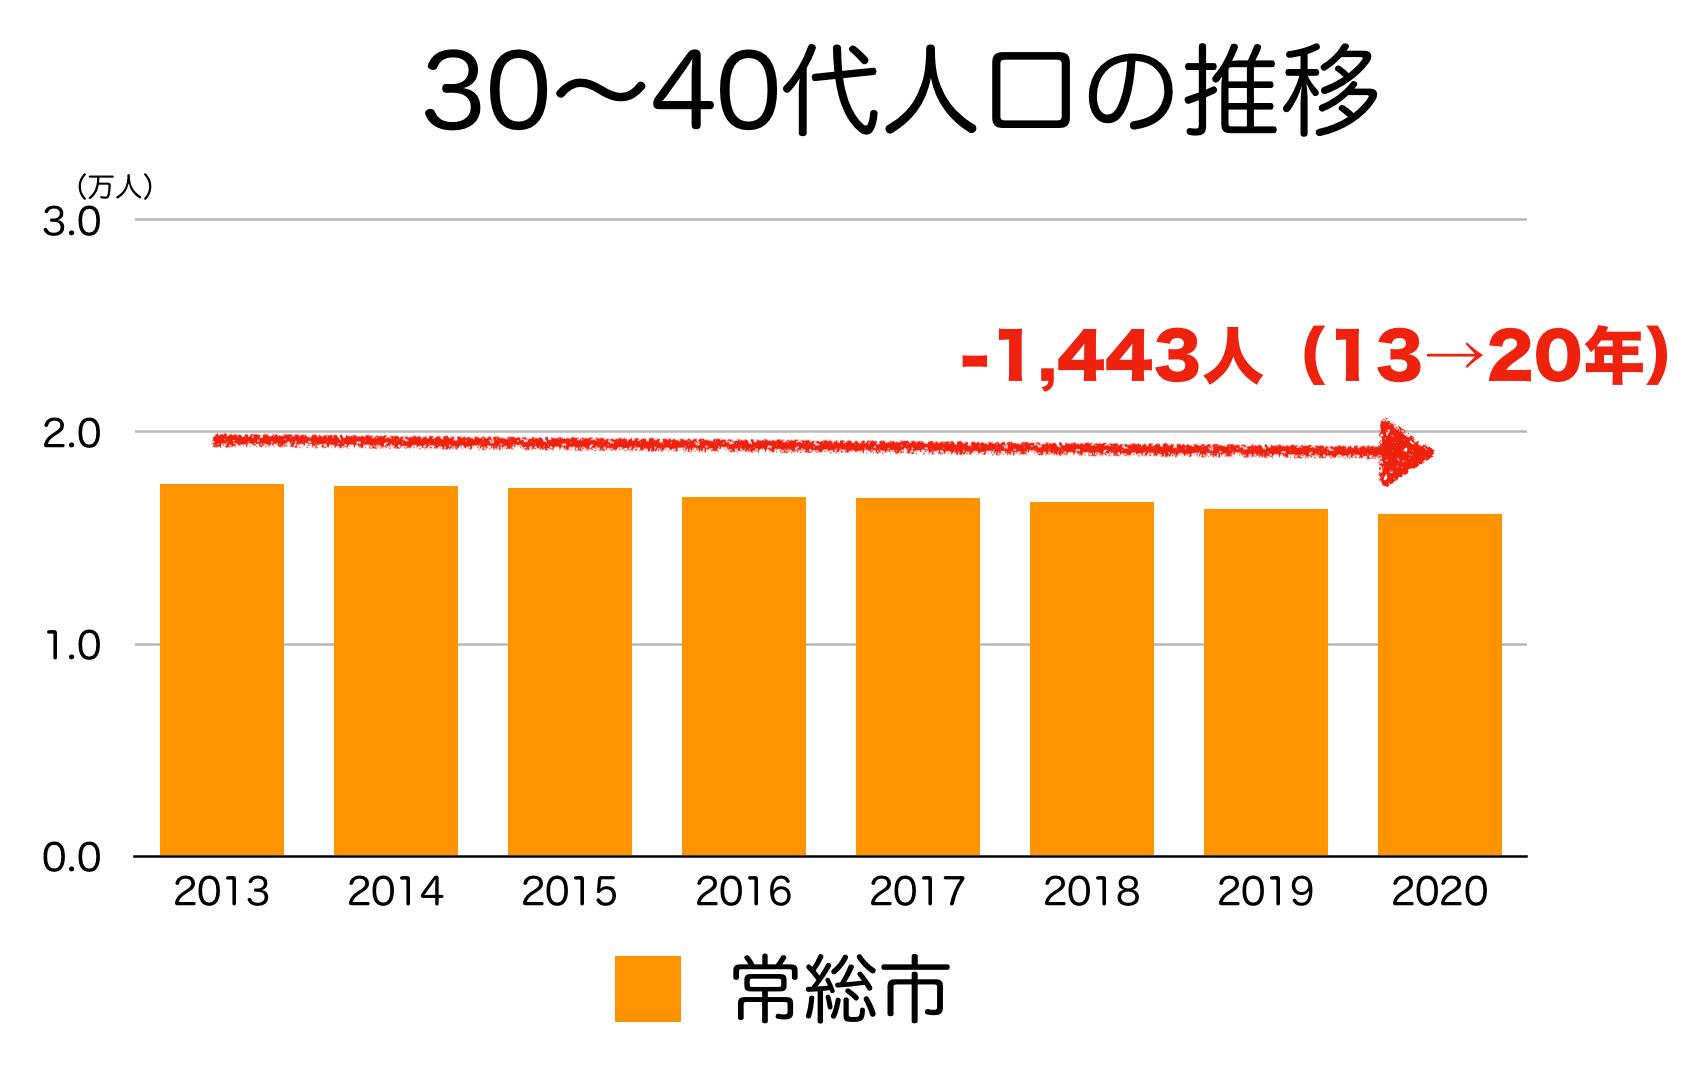 常総市の30〜40代人口の推移